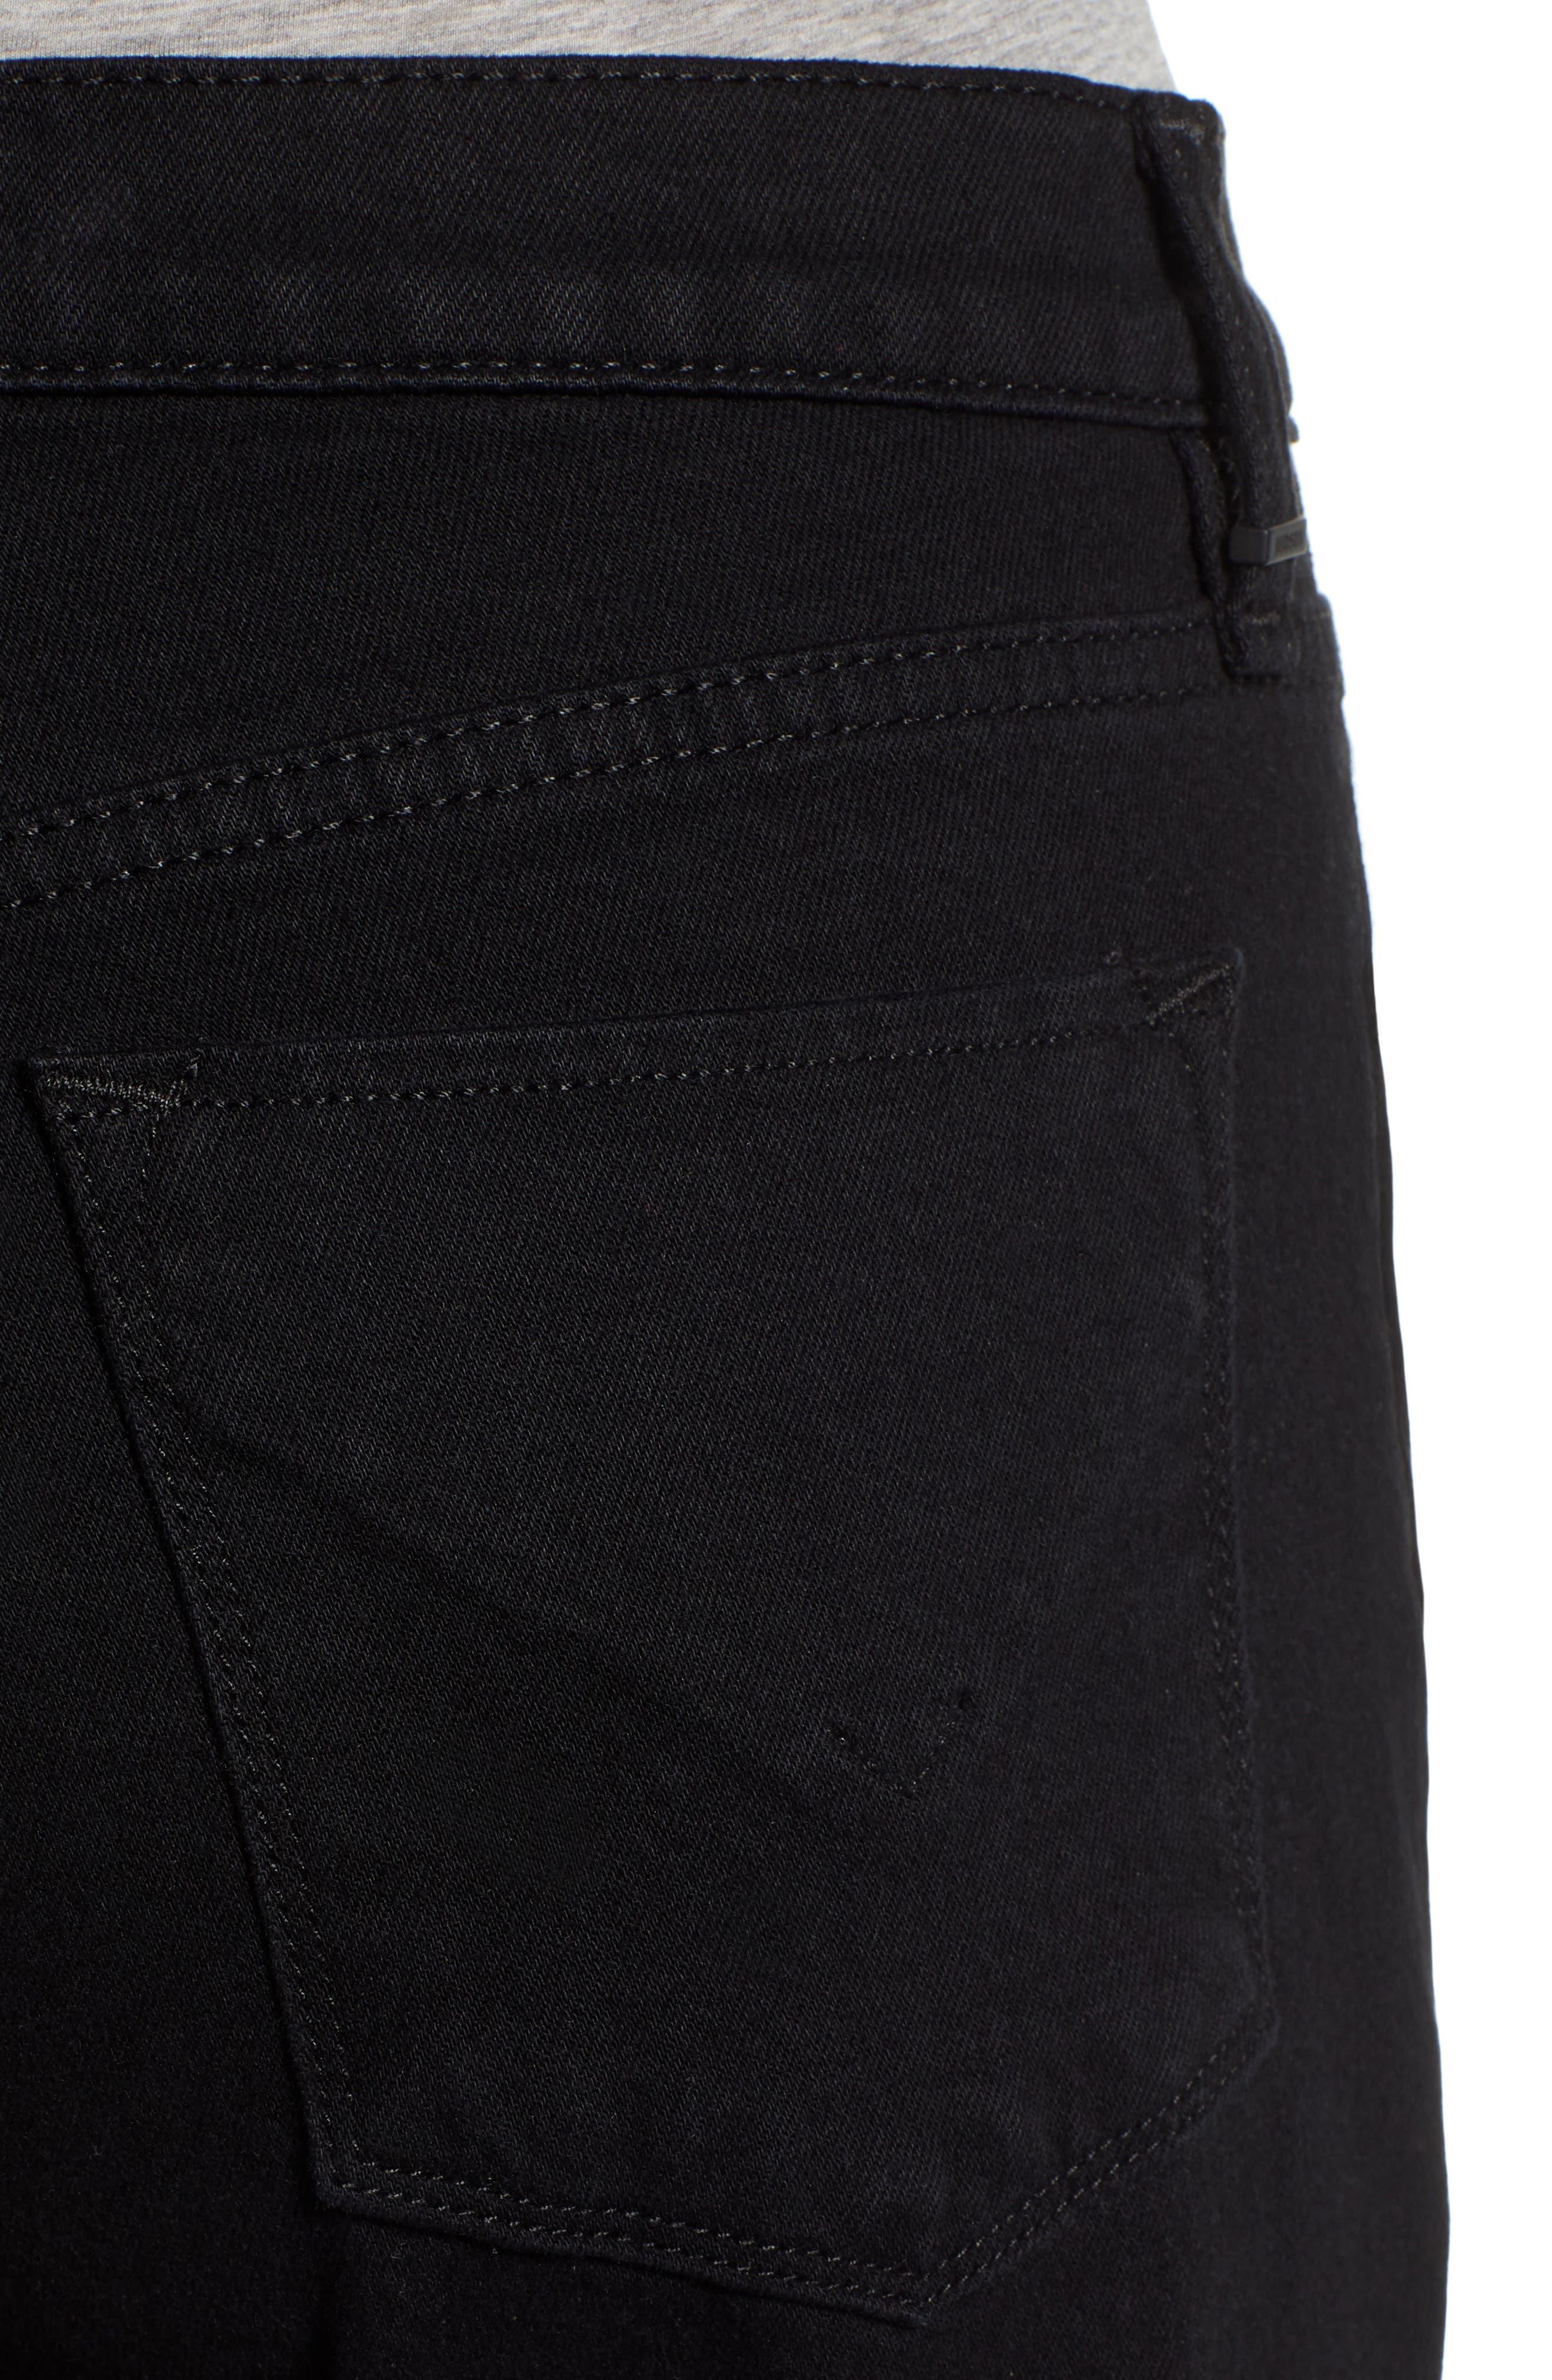 Jessi Crop Boyfriend Jeans,                             Alternate thumbnail 4, color,                             VEGA